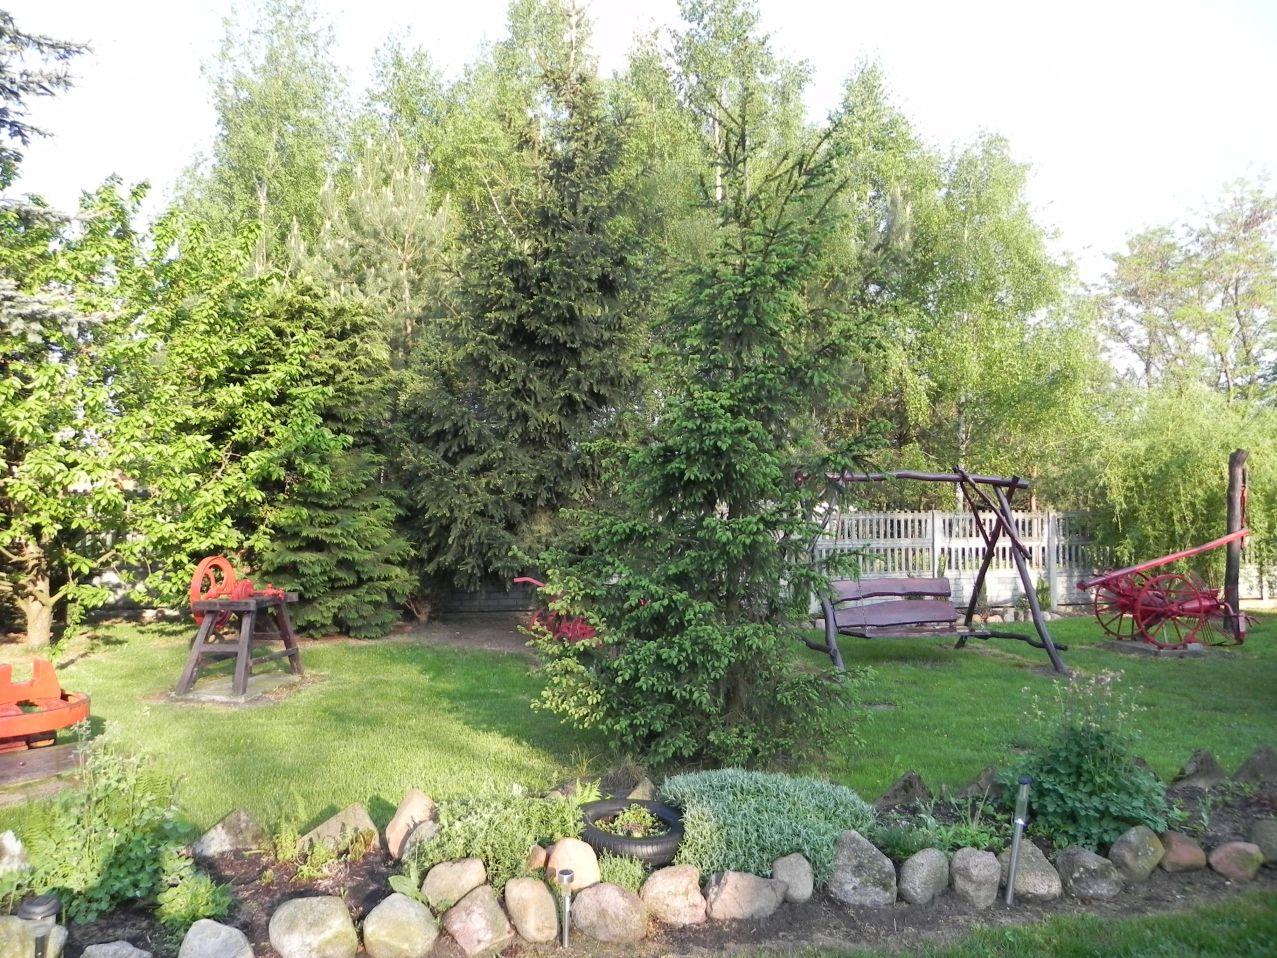 Galeria zdjęć Sochowej Zagrody - podwórko i przyroda (29)